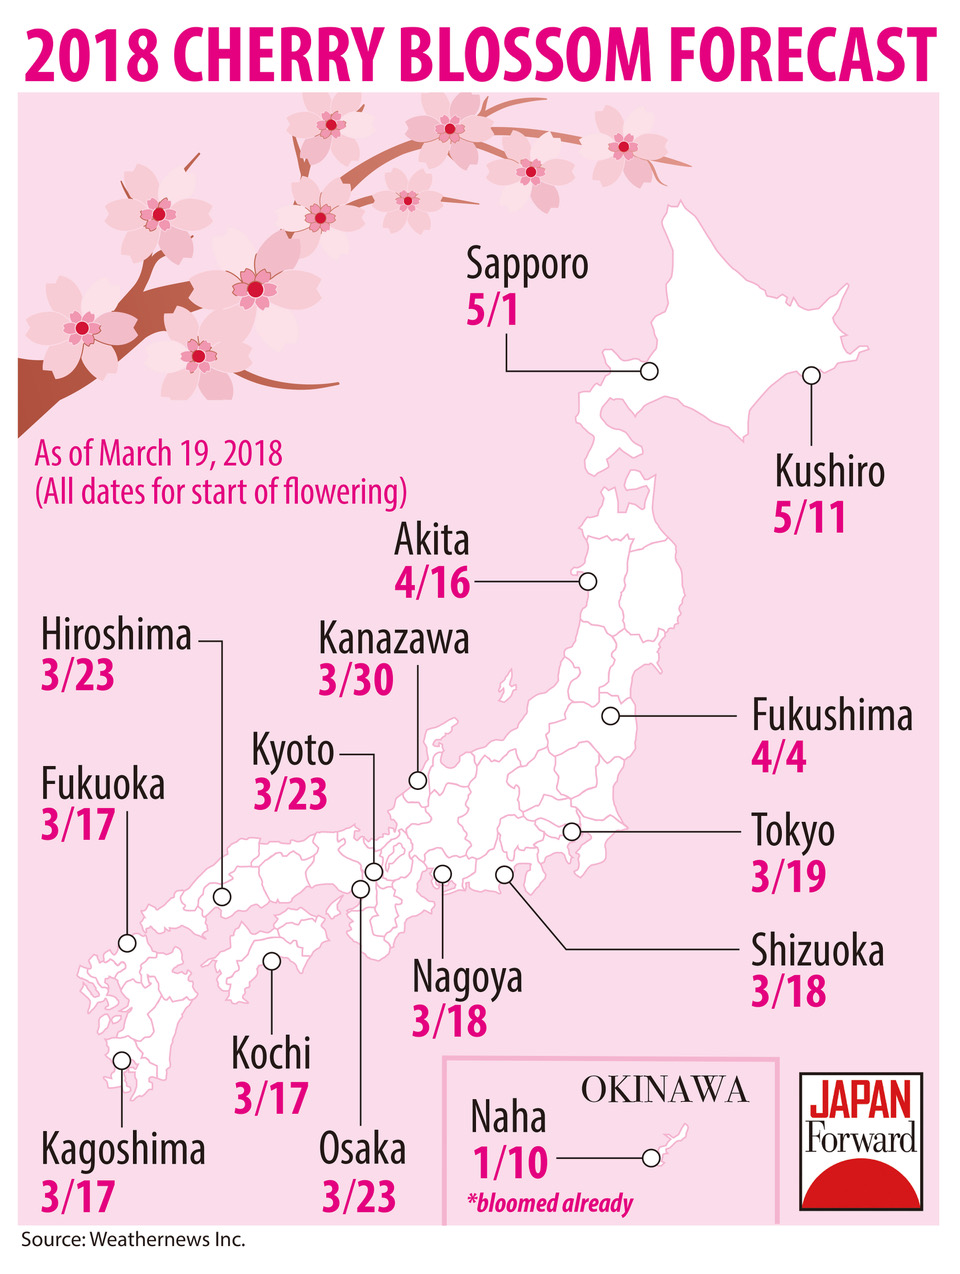 Cherry Blossom 2018 Forecast